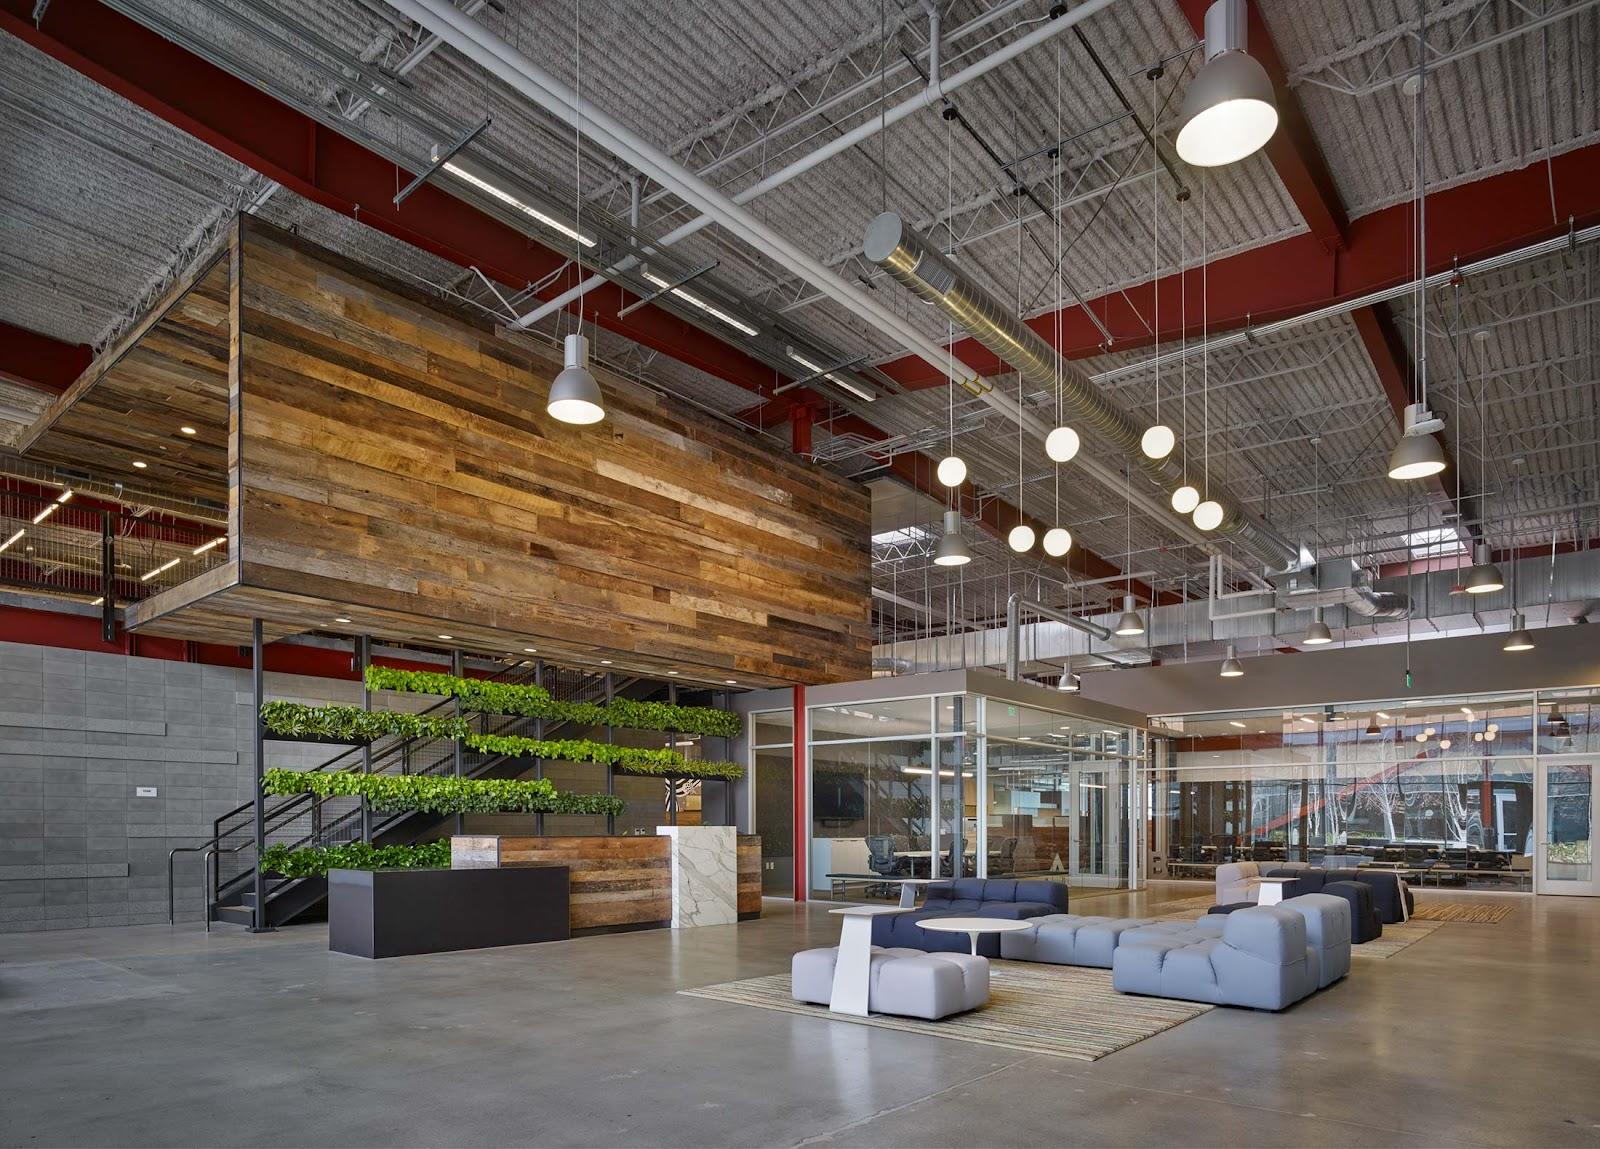 Inspirasi office space bergaya industrial dengan konsep open space dan high ceiling - source: shubindonaldson.com